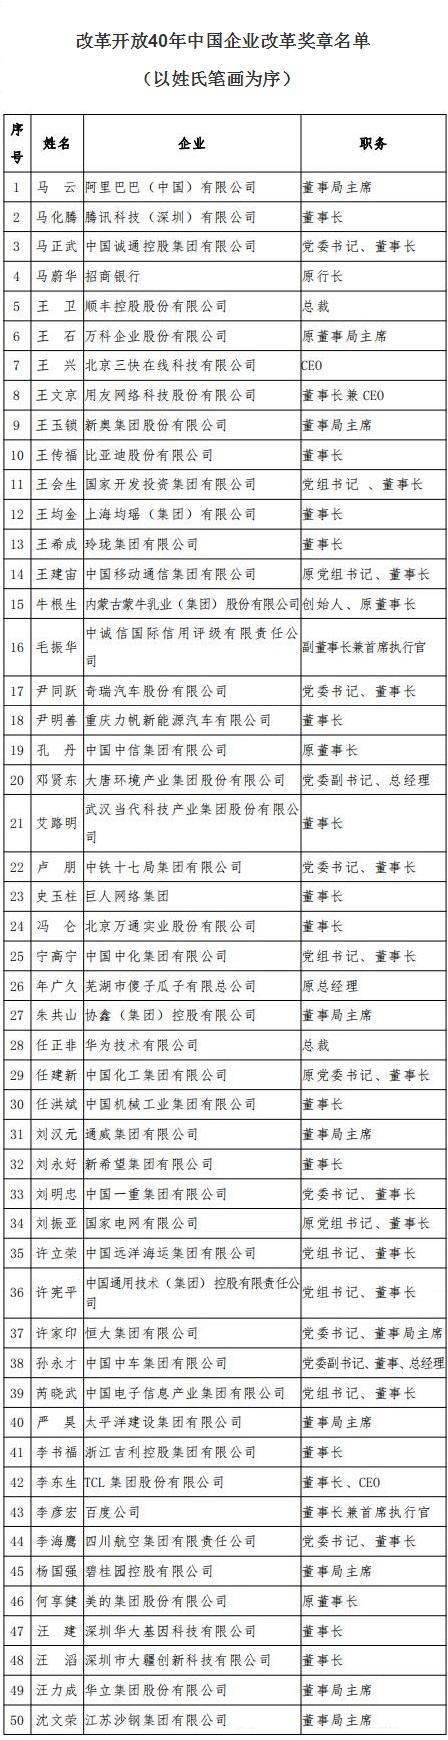 """锐科激光荣获 """"改革开放40年创新力企业"""" 表彰"""